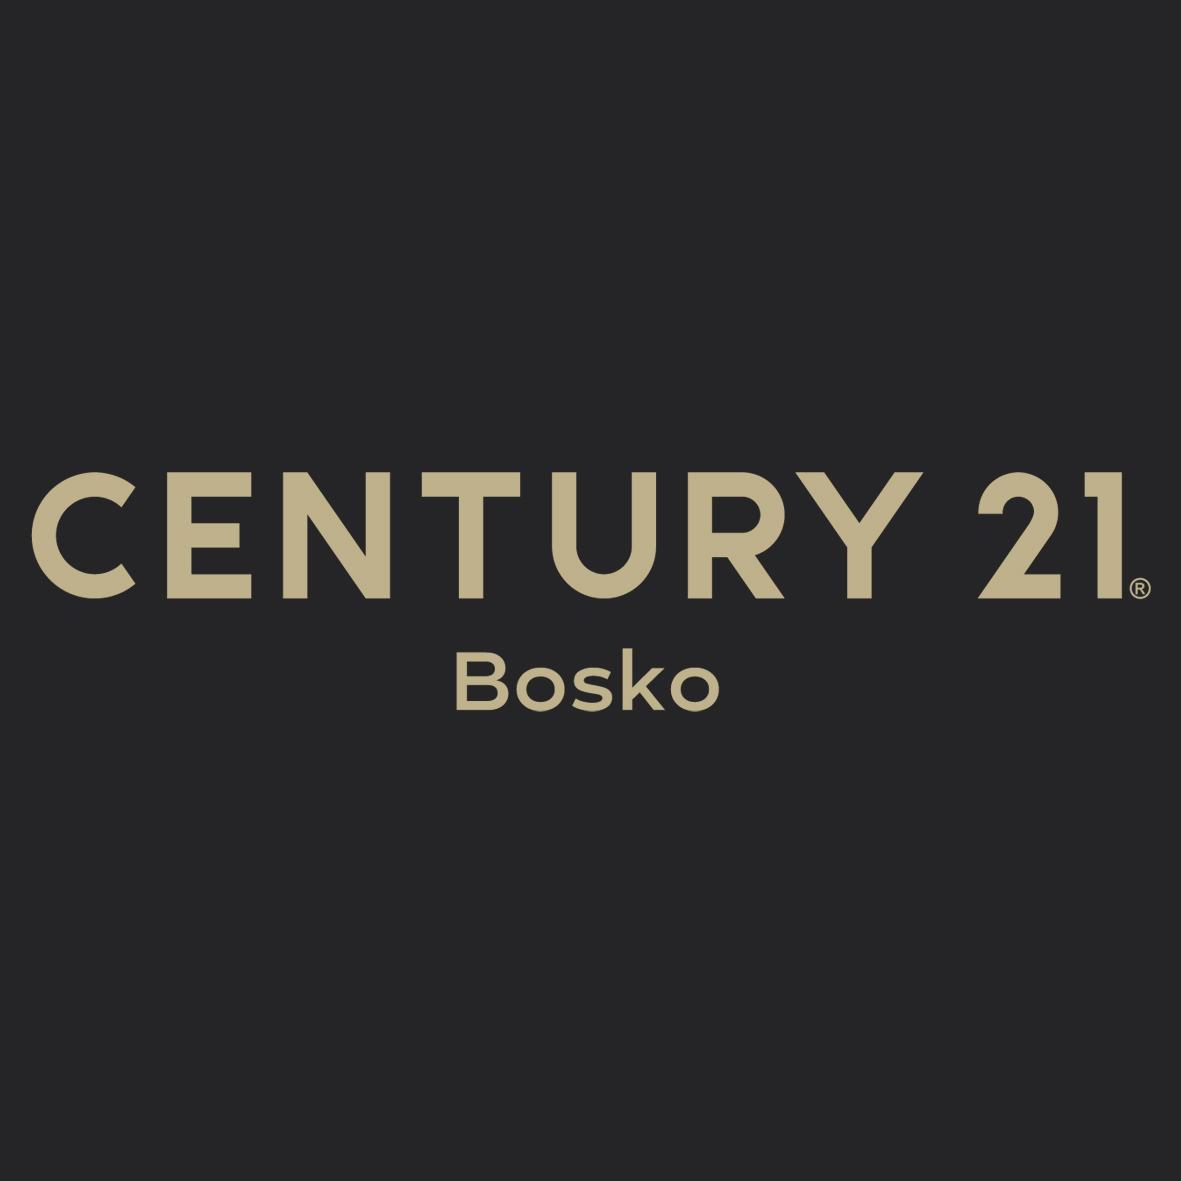 Century 21 Bosko